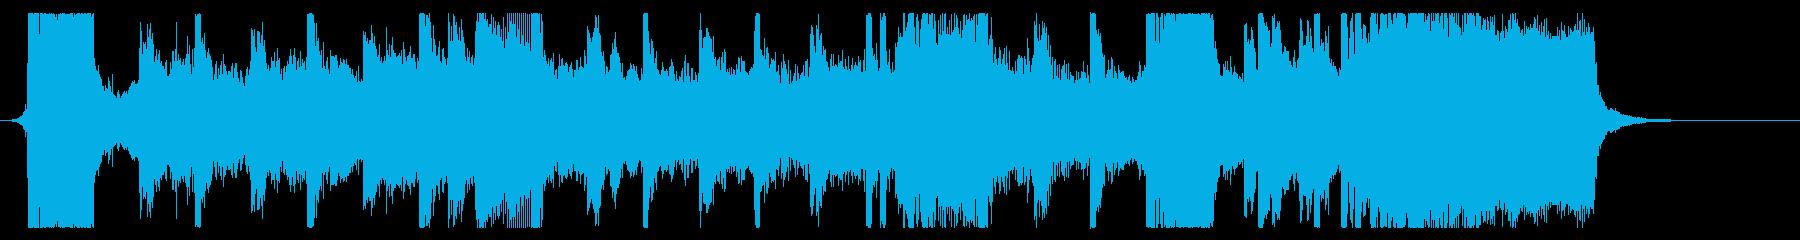 シンフォニックなダブステップジングルの再生済みの波形